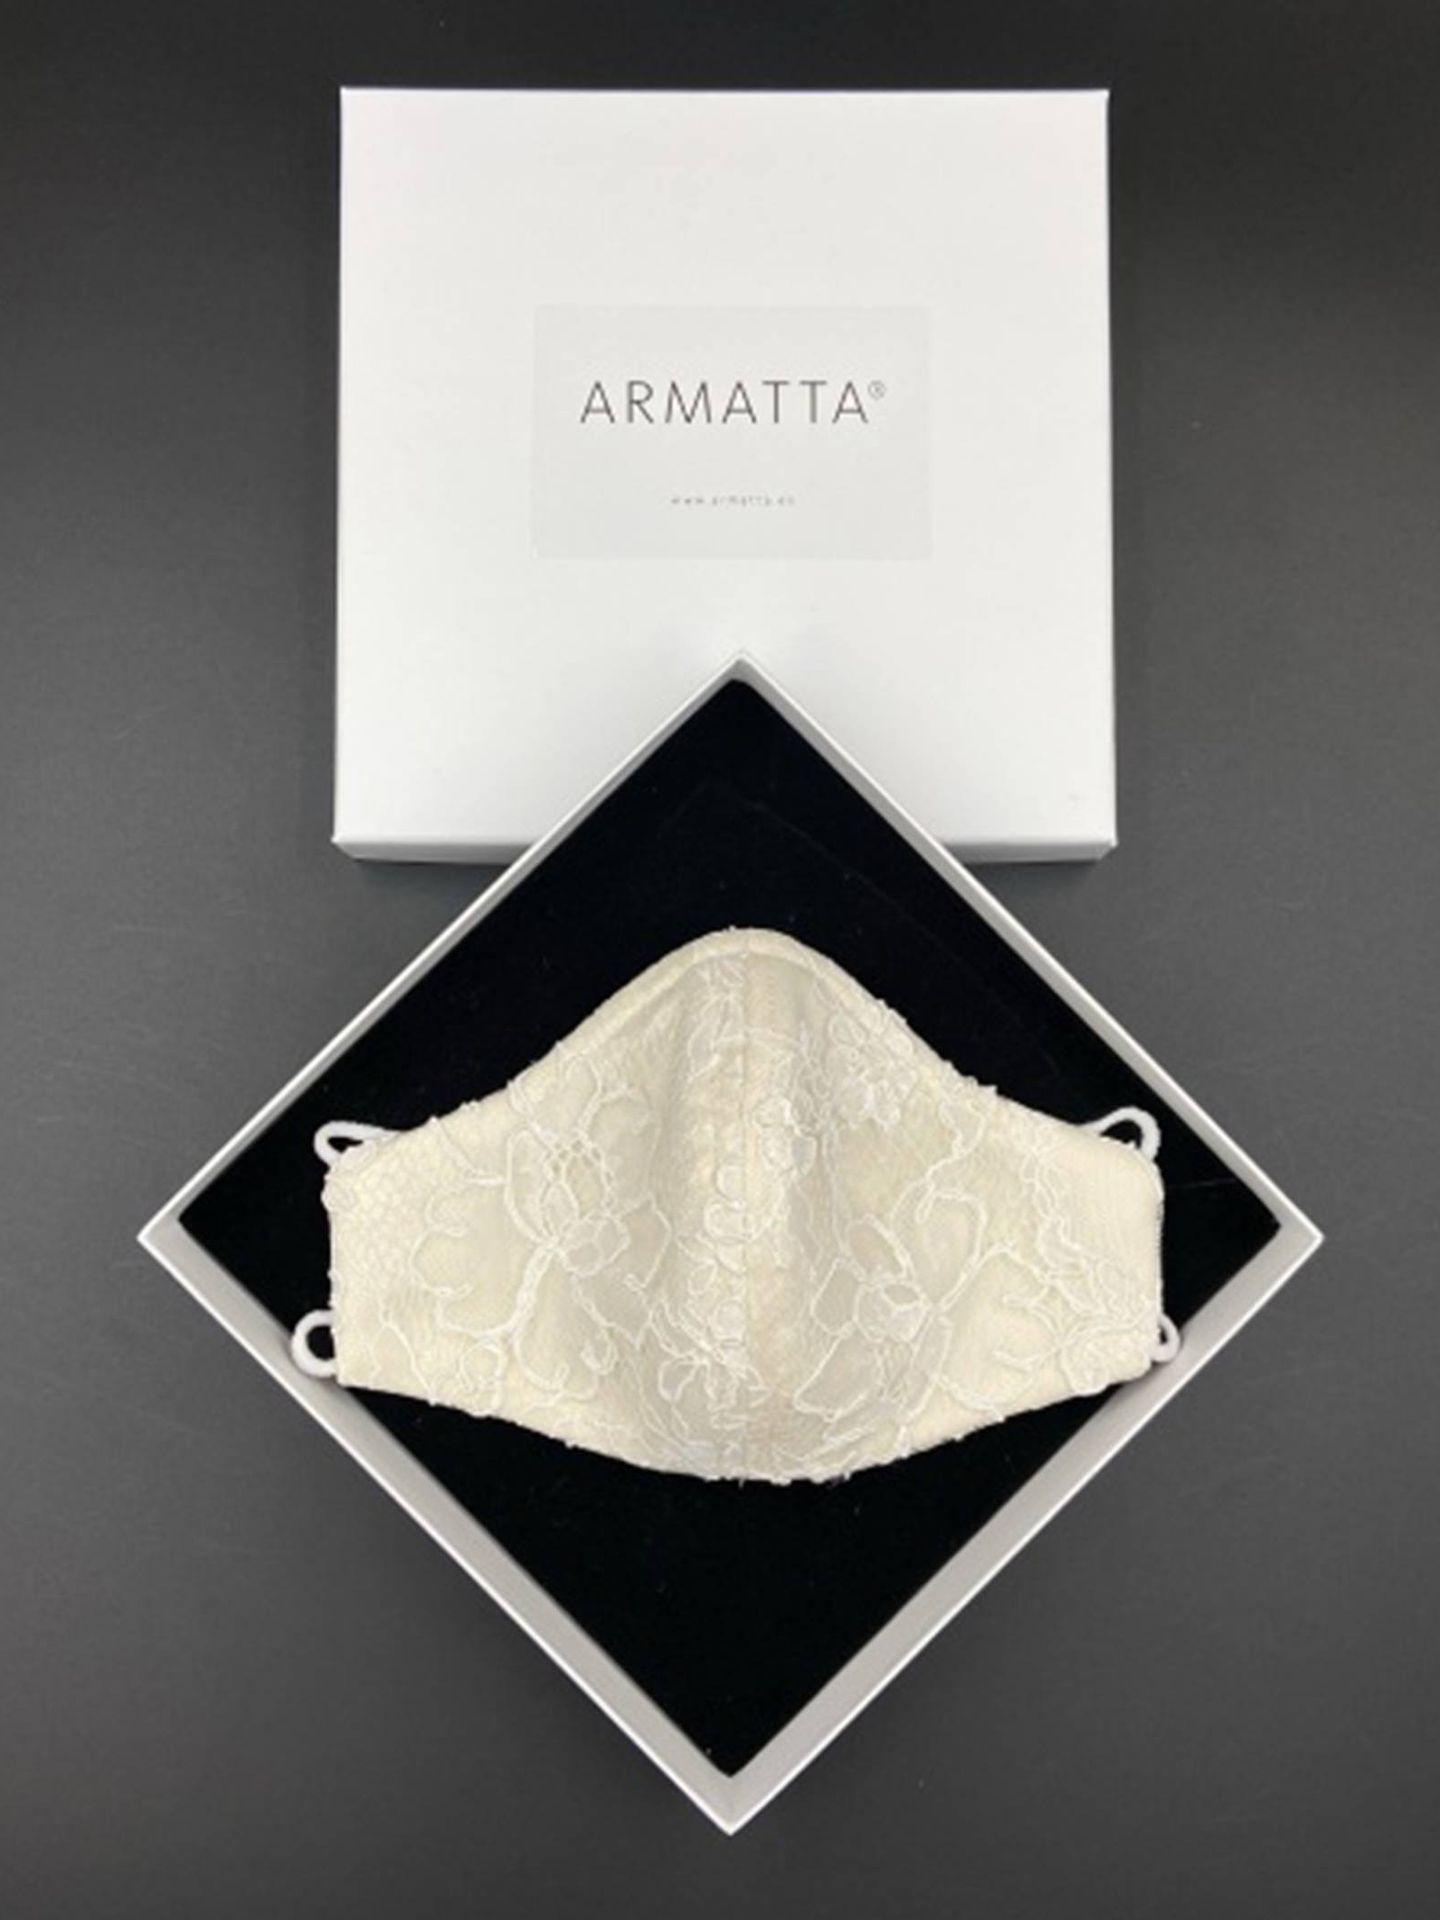 Mascarilla de encaje de Armatta. (Cortesía)